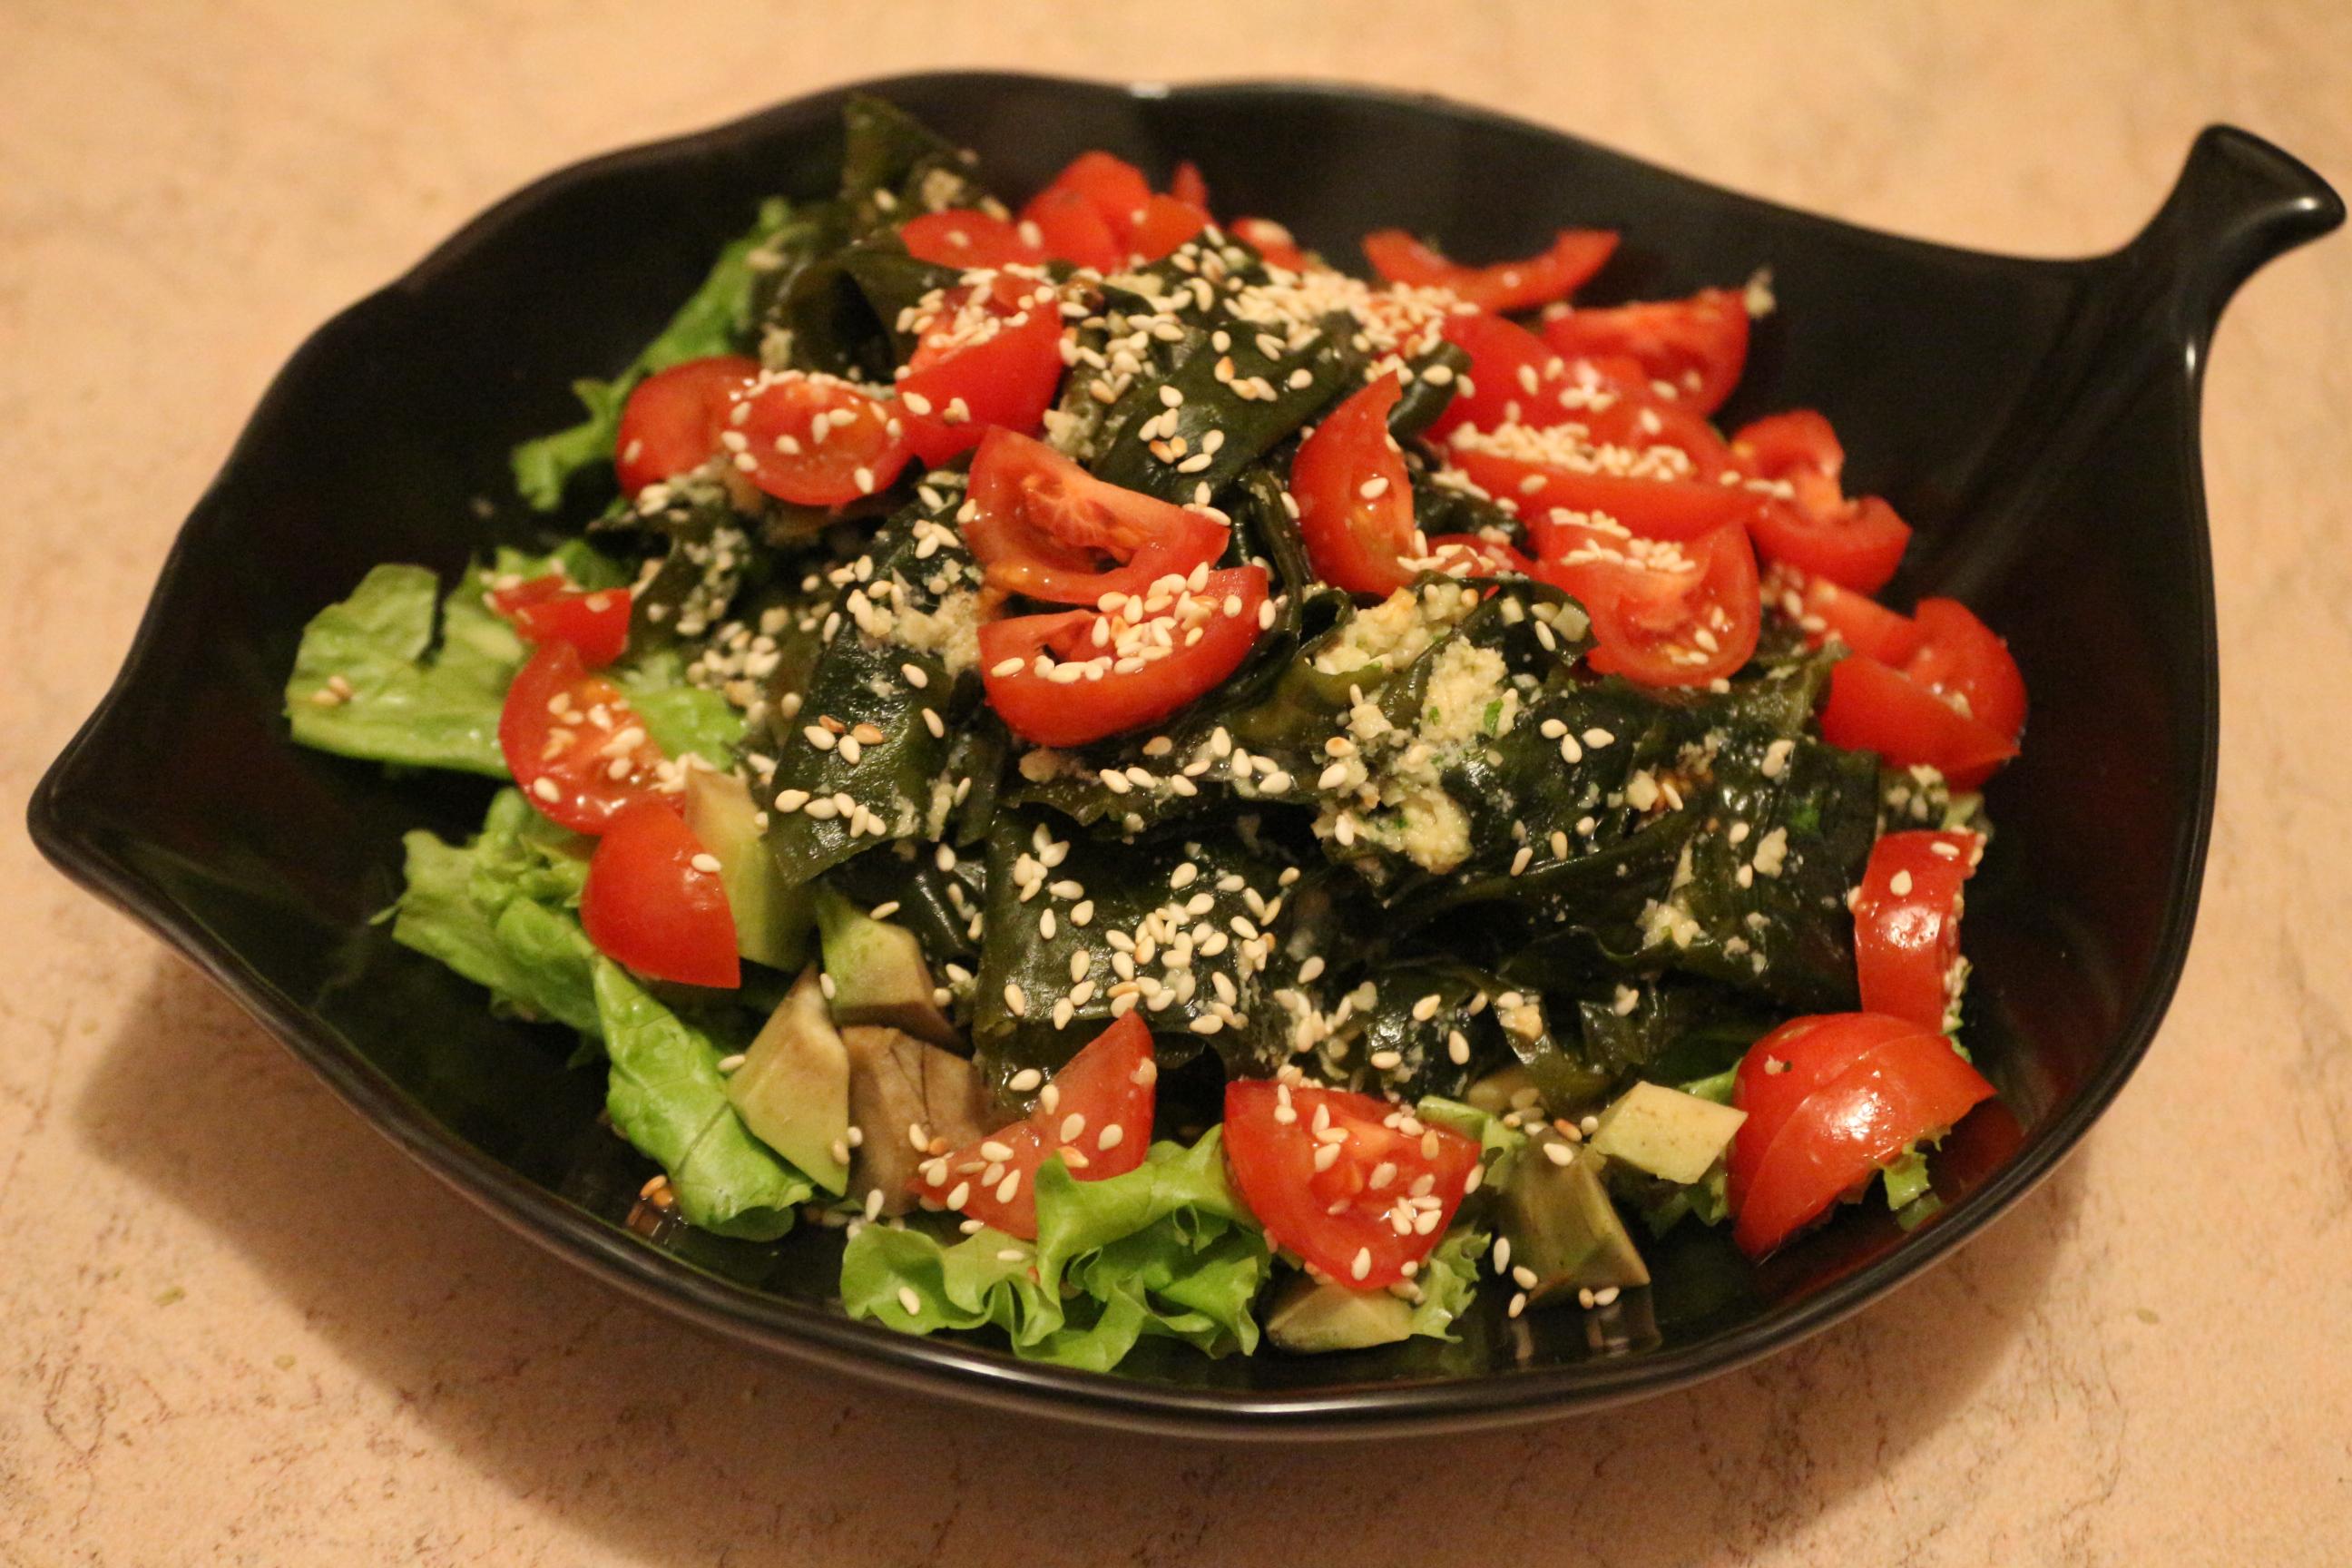 Салат с водорослями вакаме, помидорами черри и ореховой заправкой